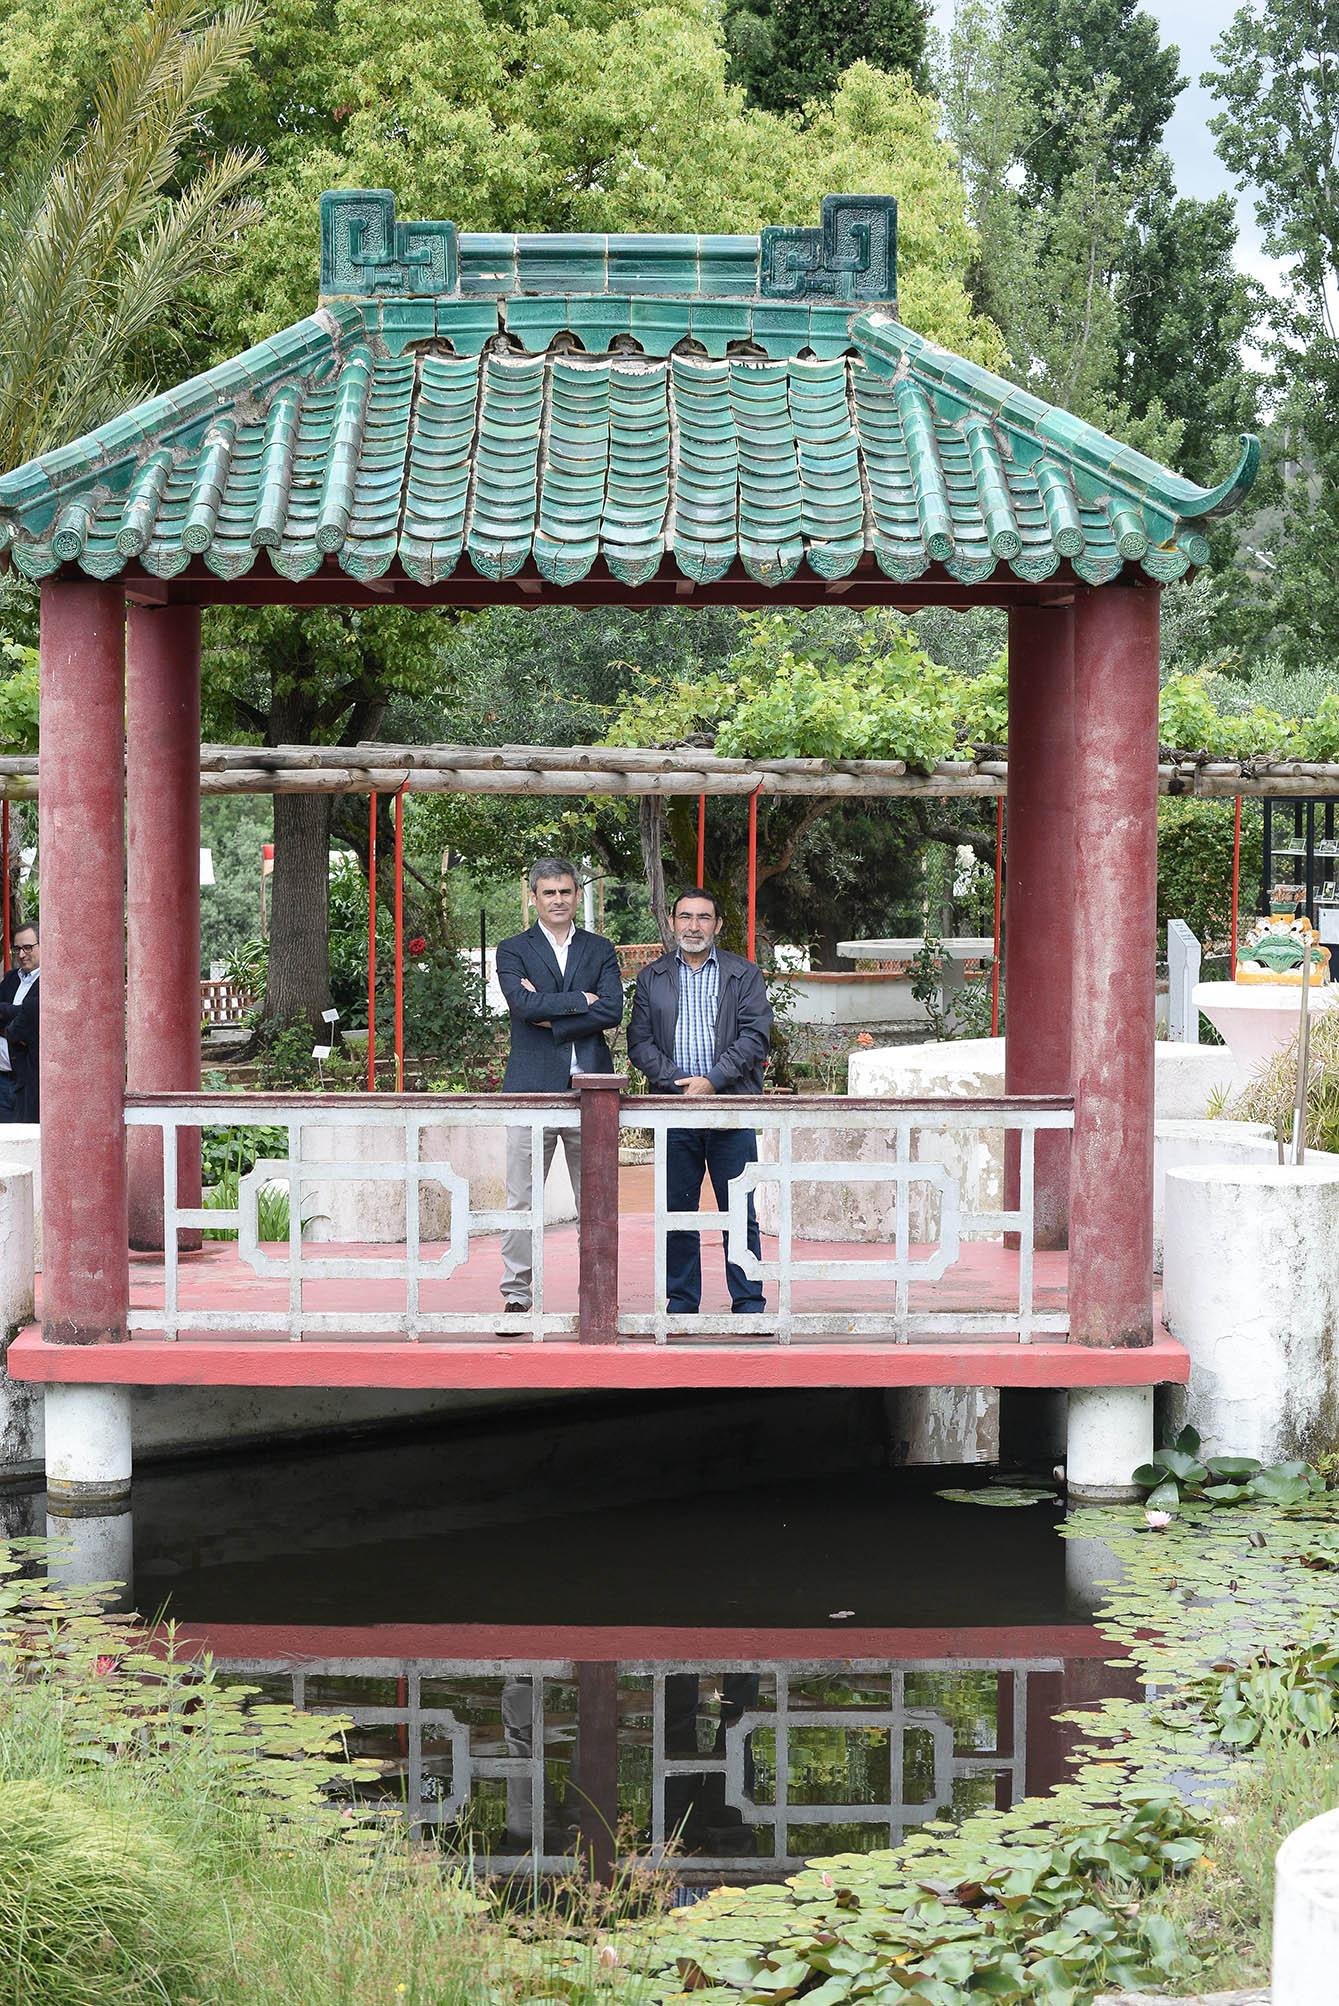 Gualter Vasco, director fabril da Caima, com António Matias Coelho no pavilhão de Macau existente no Jardim-Horto de Camões